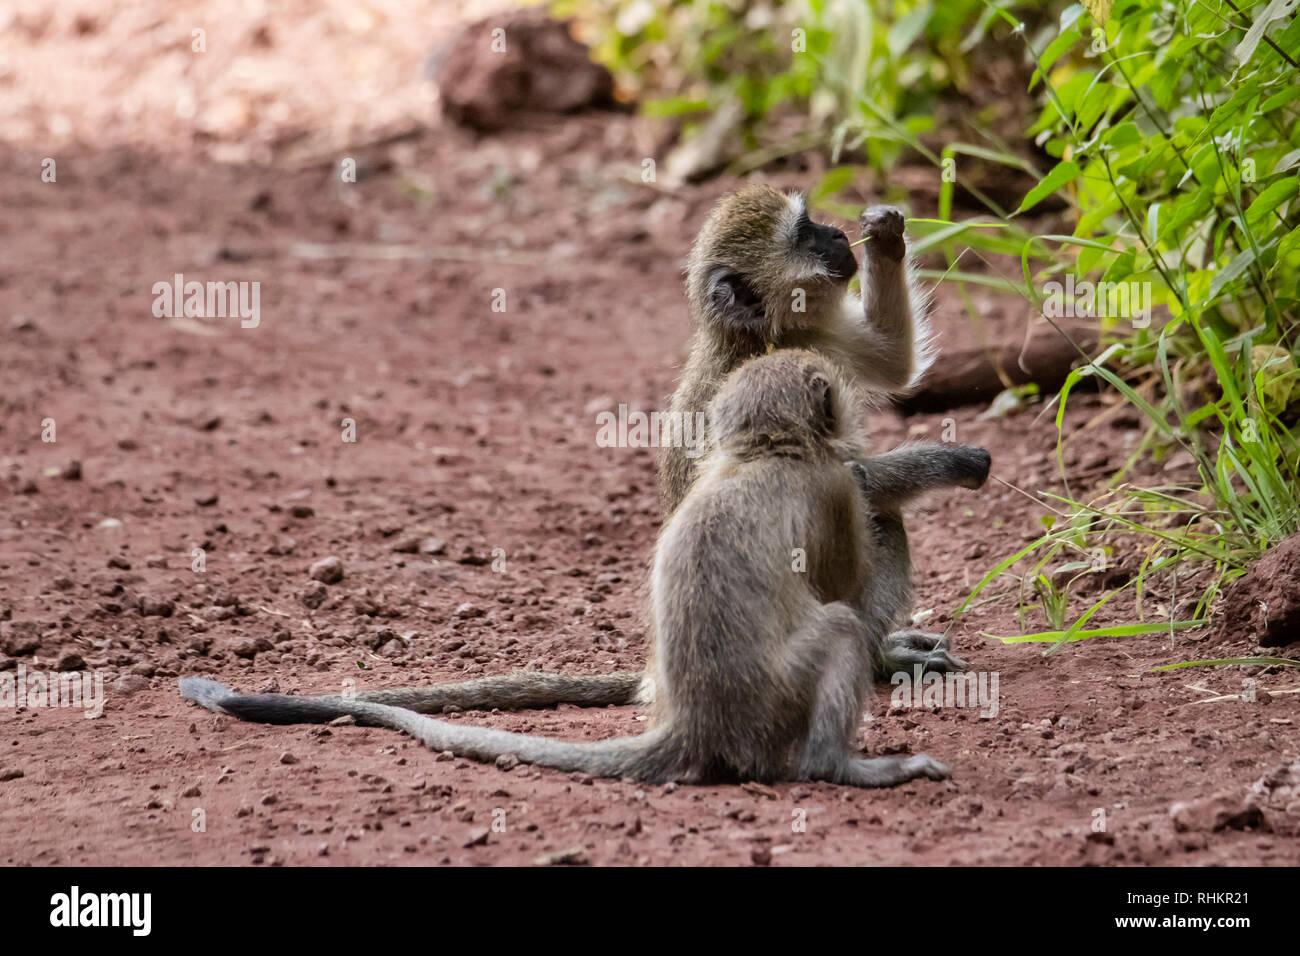 Two vervet monkeys eating leaves - Stock Image